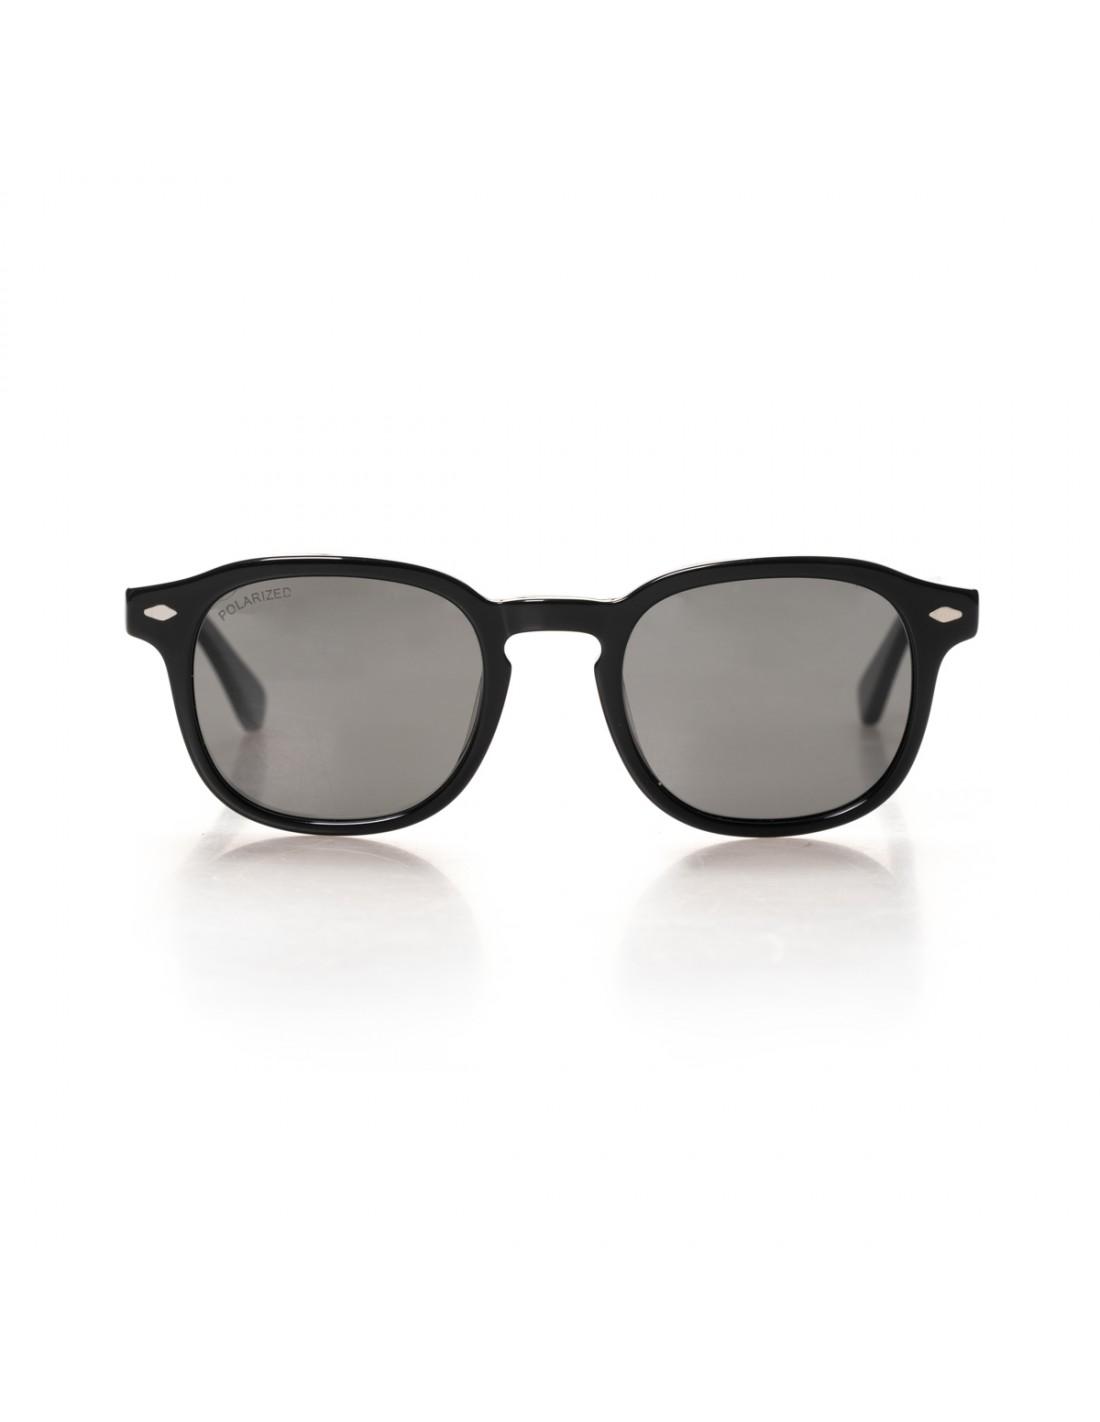 Occhiali da sole con lenti polarizzate scure online